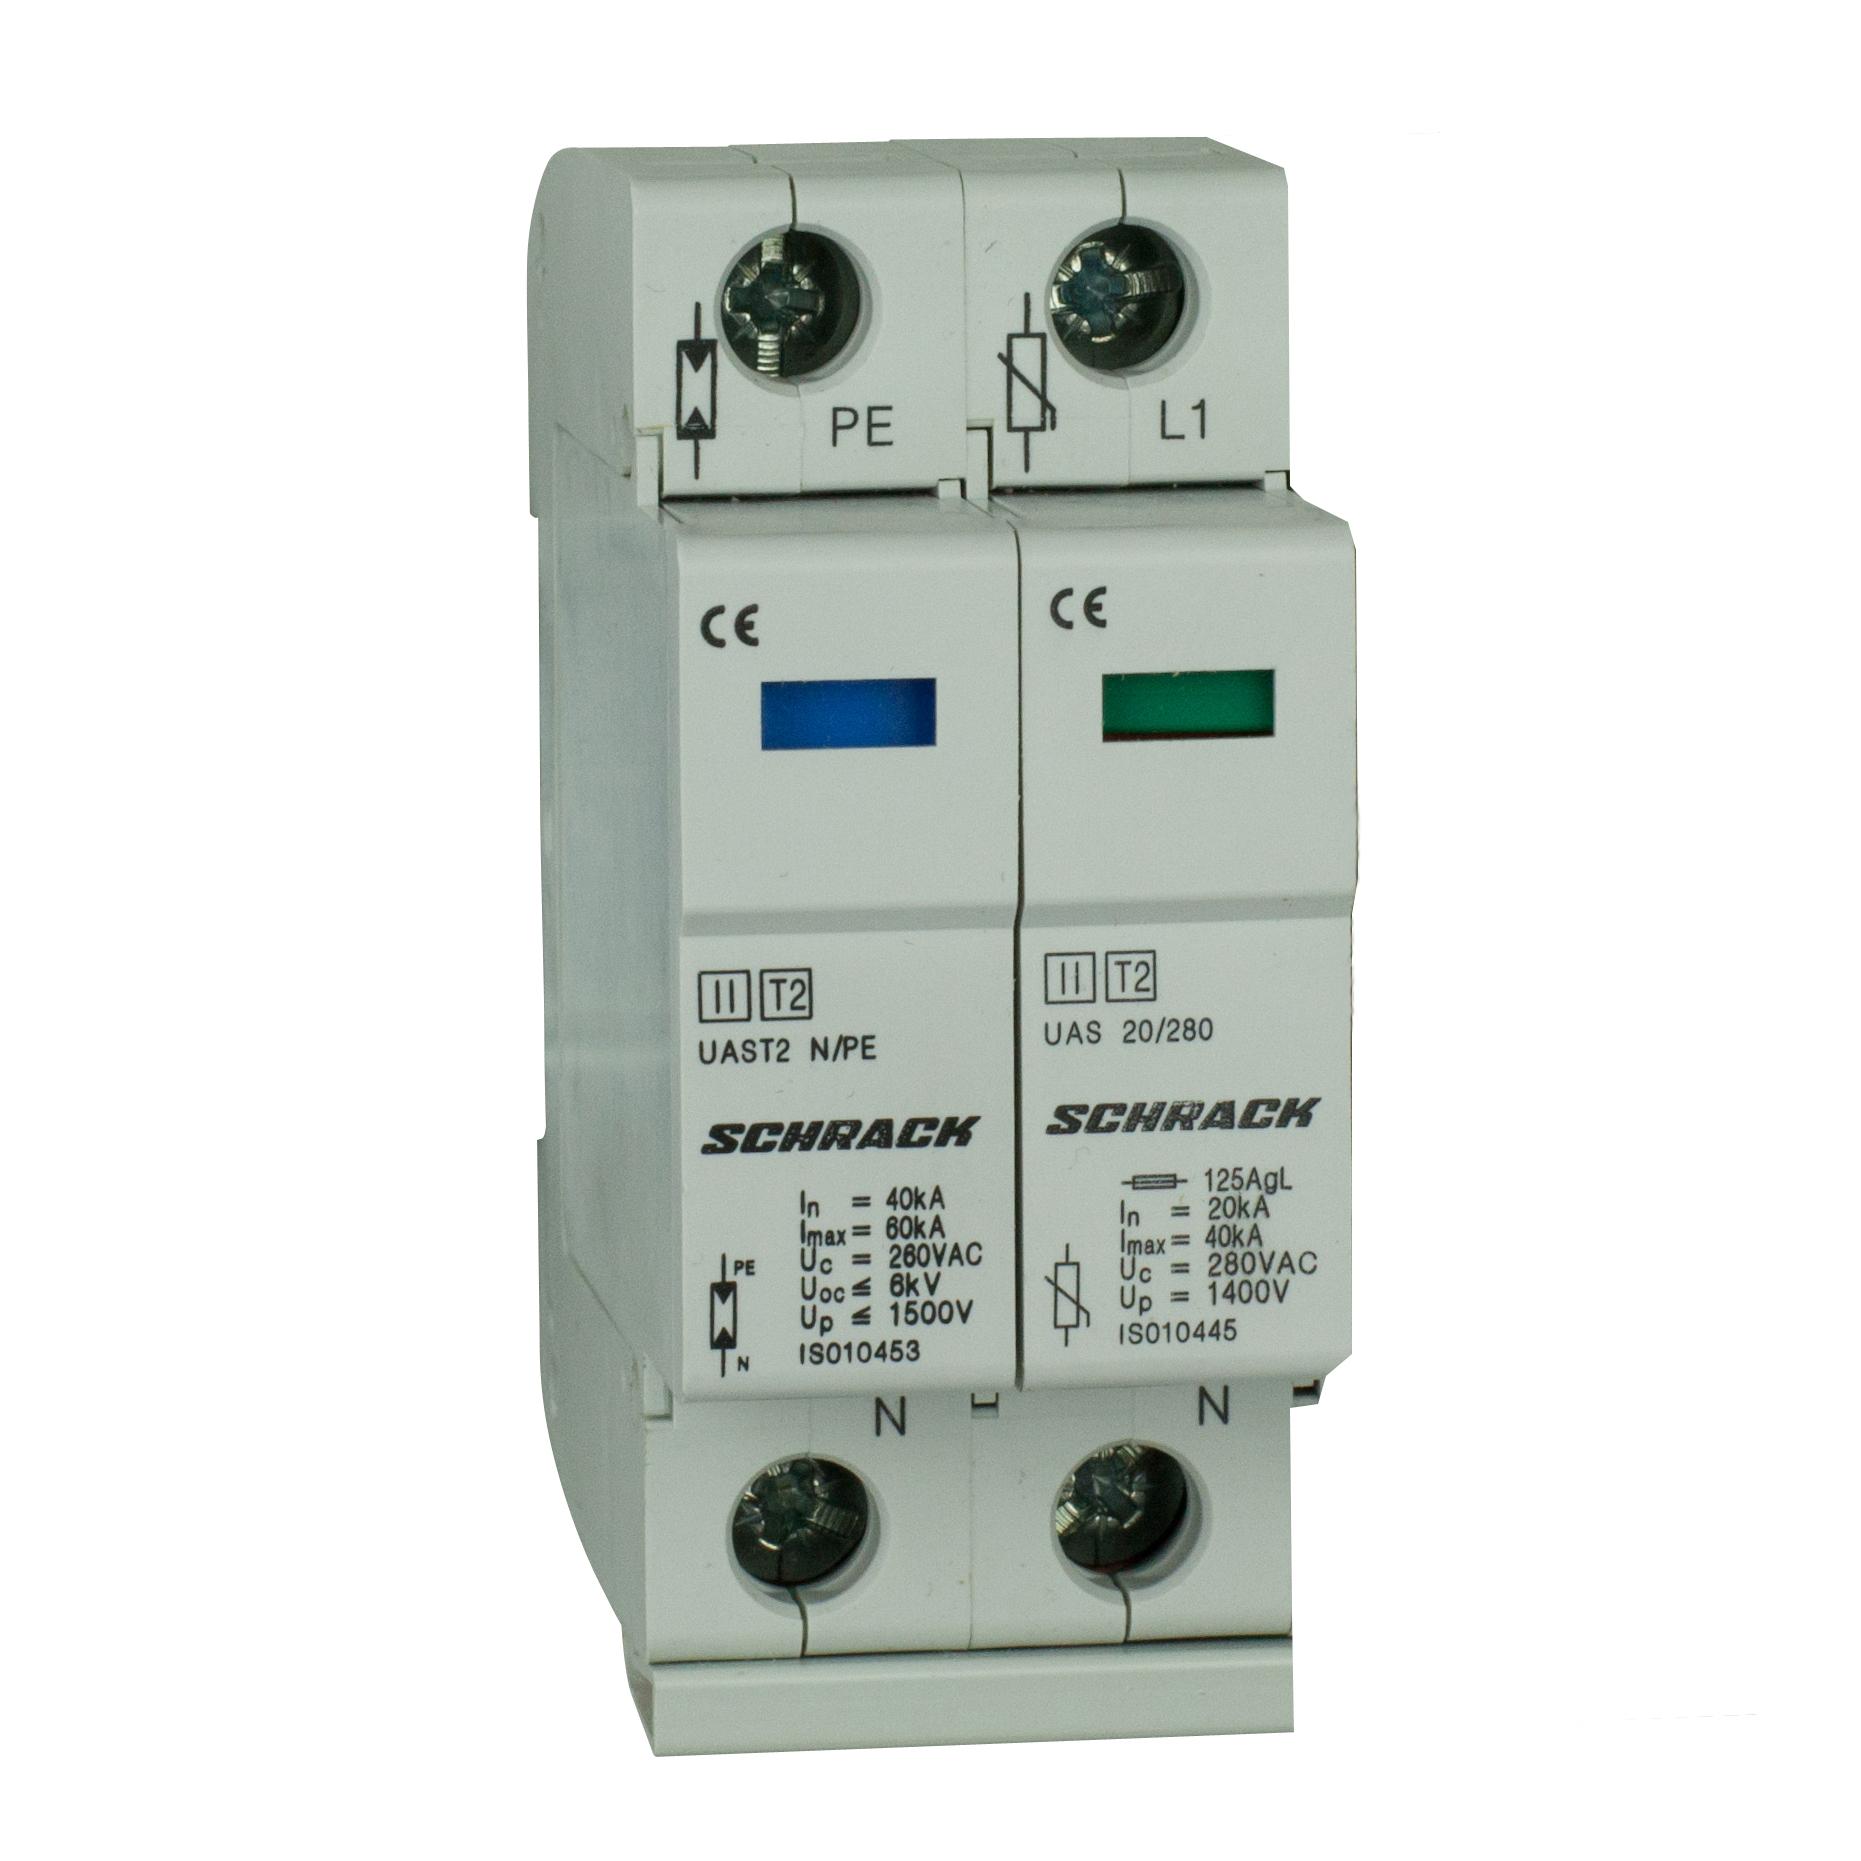 1 Stk T2/C - Ableiter komplett, 1+1, 20kA/280V - Serie UAS IS010450--